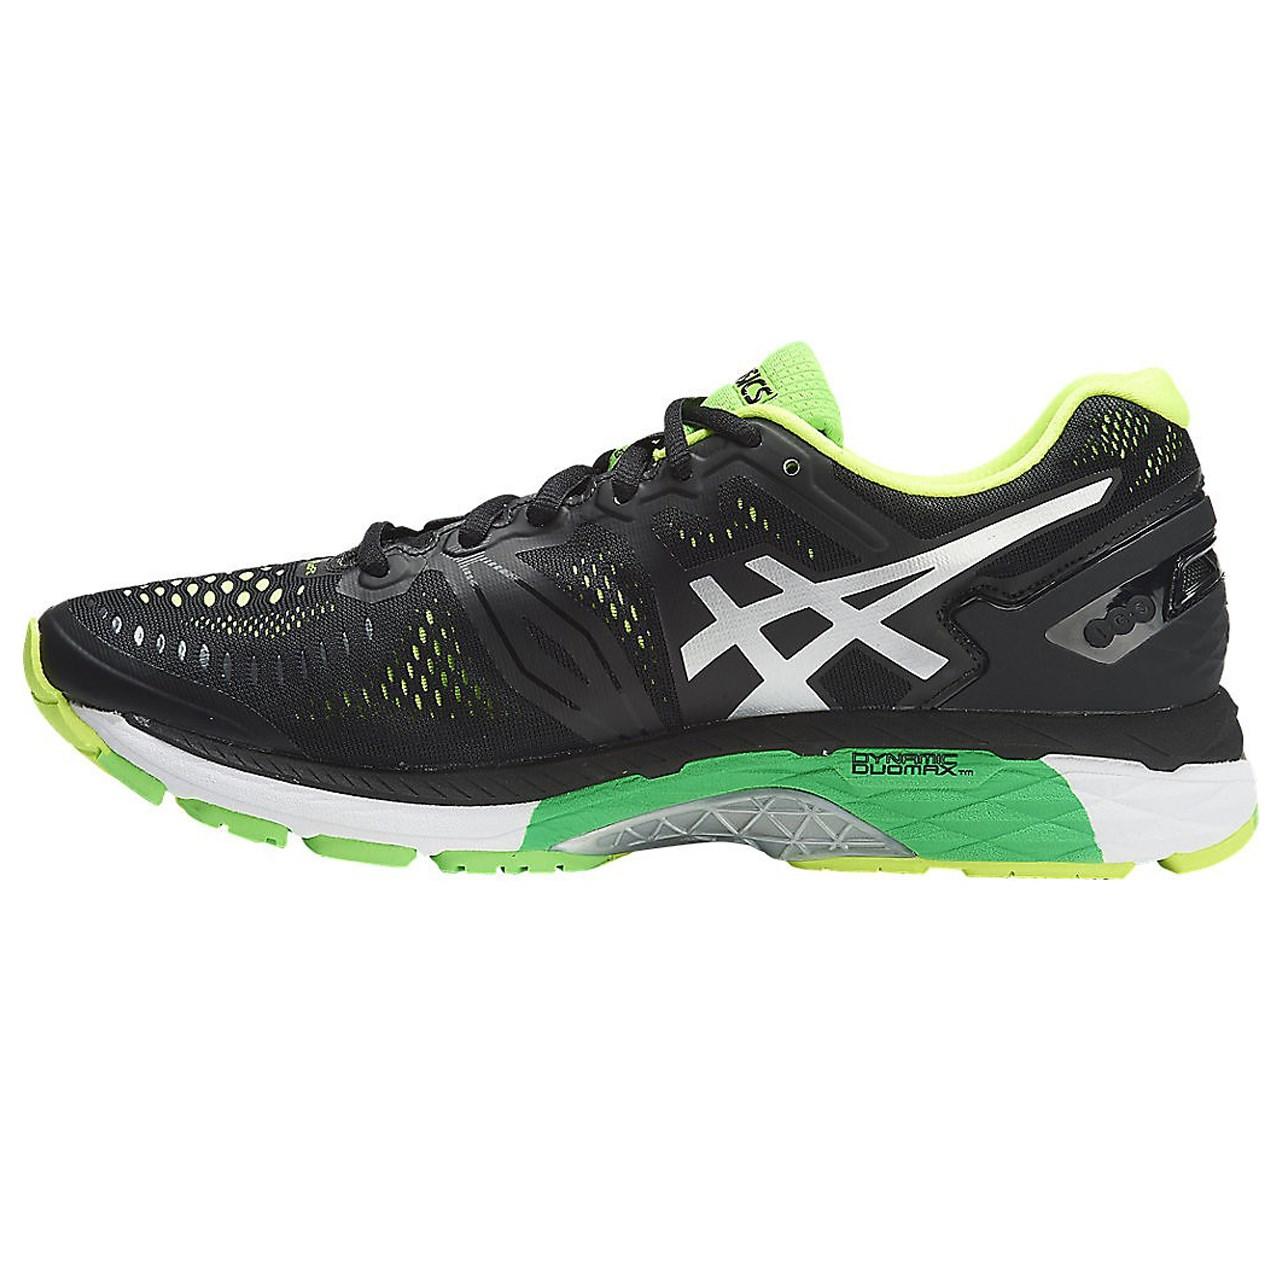 کفش ورزشی مردانه اسیکس مخصوص دویدن مدل Gel Kayano 23